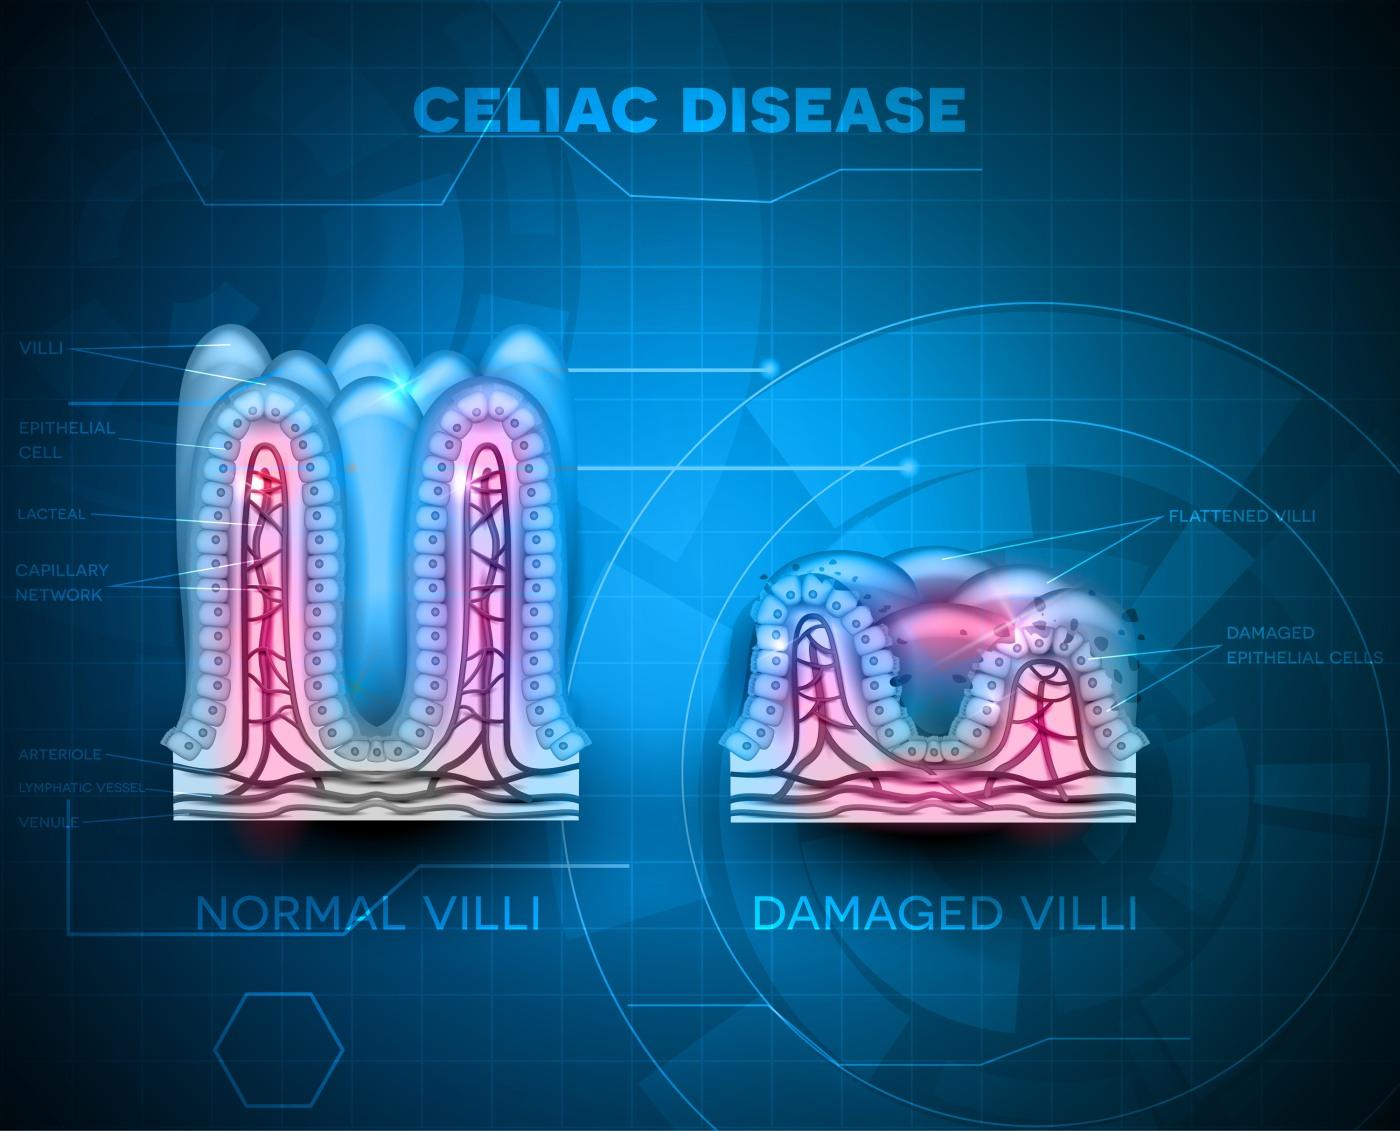 Kod celijakije dolazi do oštećenja resica u tankom crijevu.